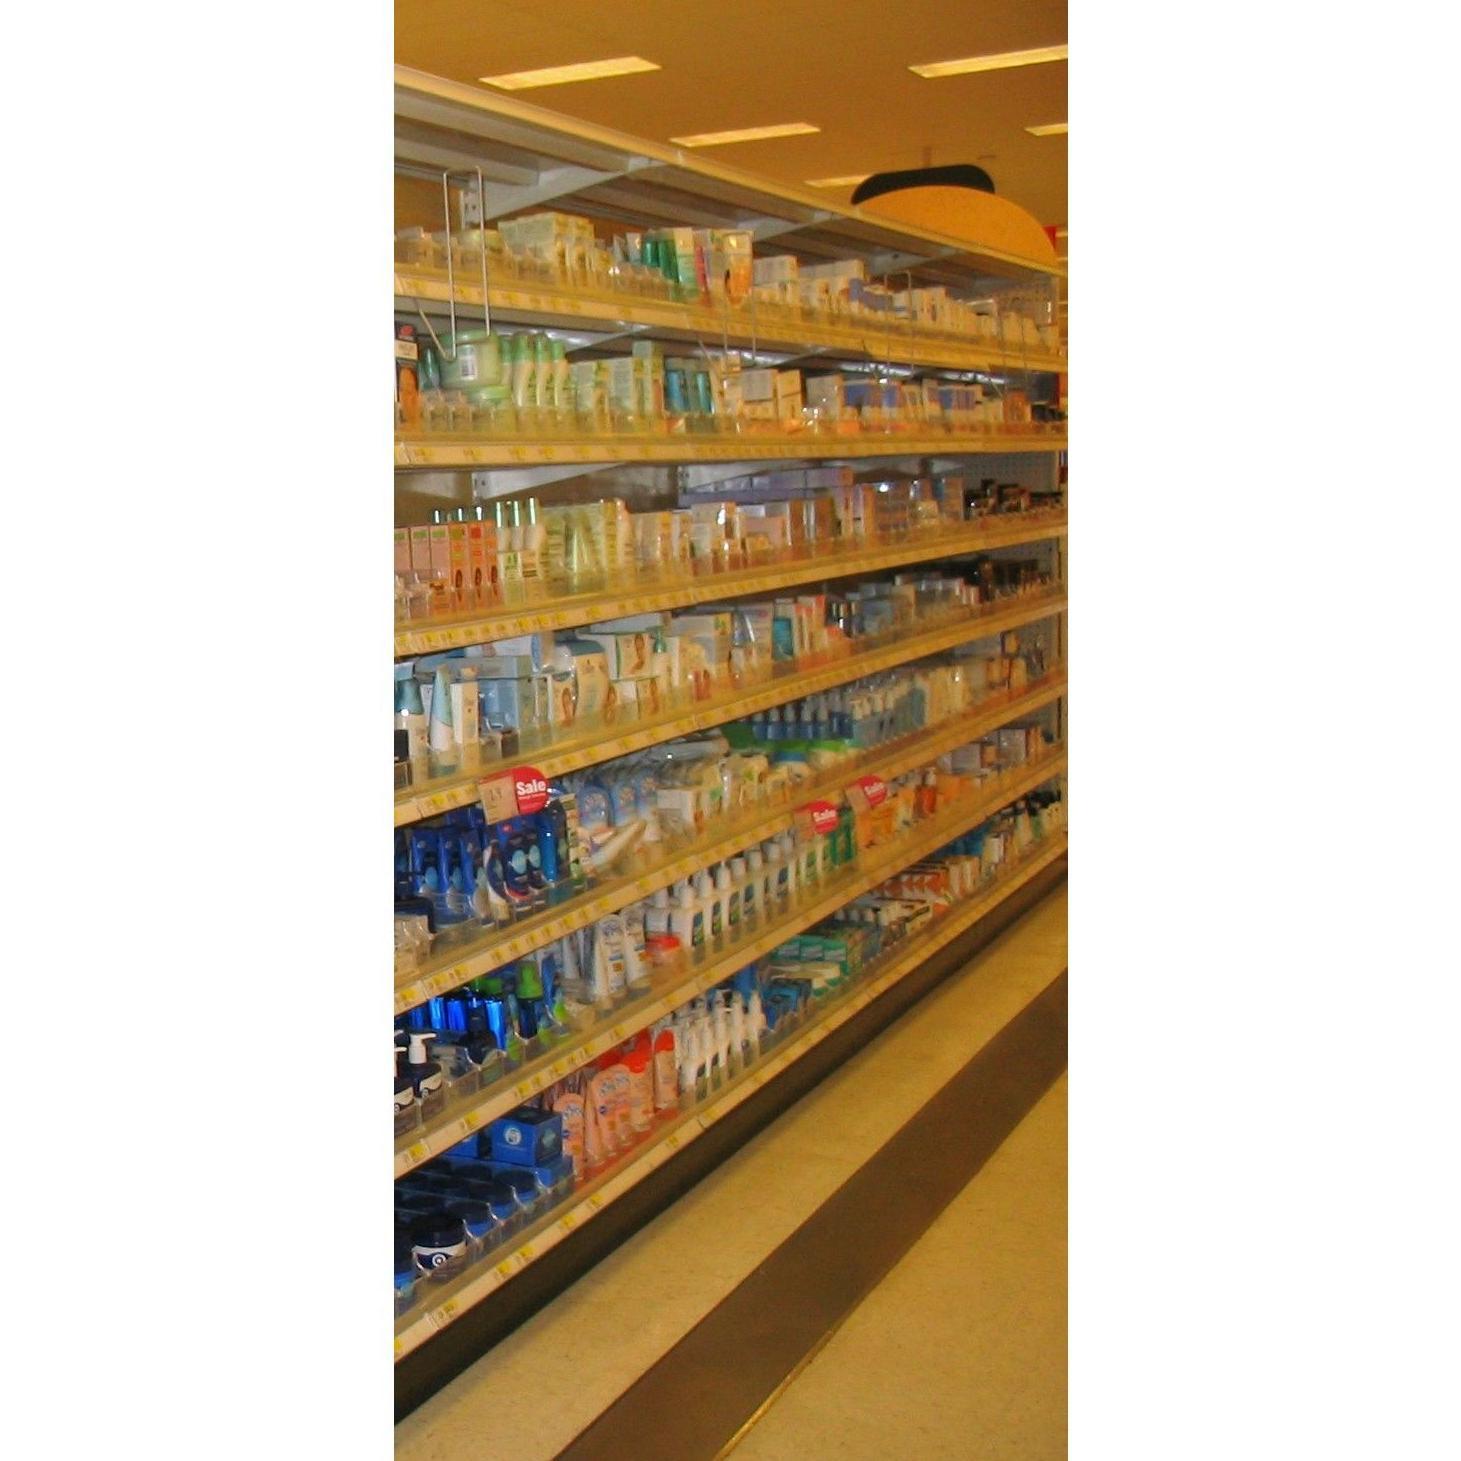 Productos de droguería y limpieza : Productos de Ferretería Vda. de Pascual